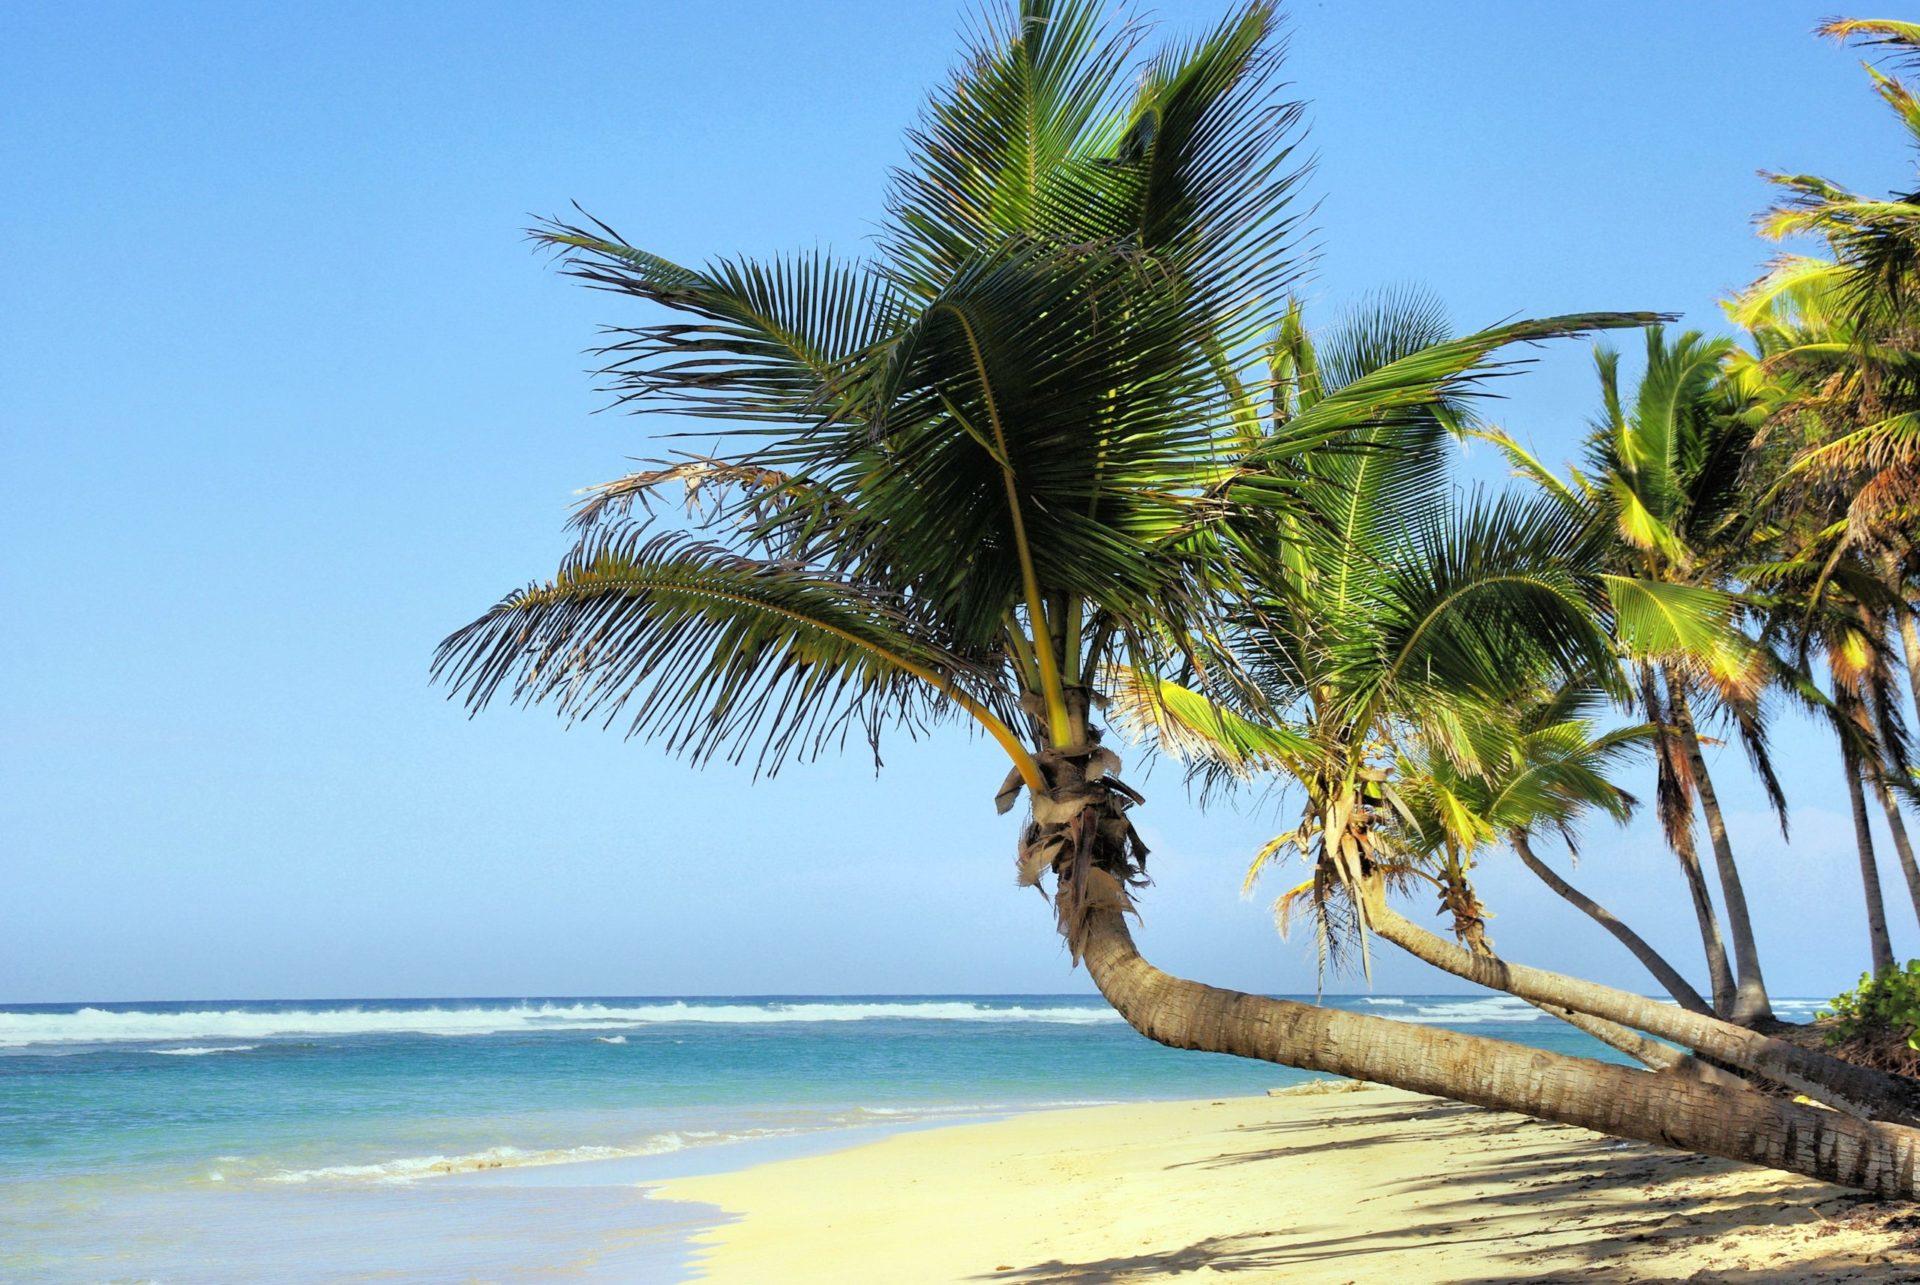 Wassertemperatur Kuba: Azurblaues Meer mit Sandstrand und Kokospalmen auf Kuba in der Karibik